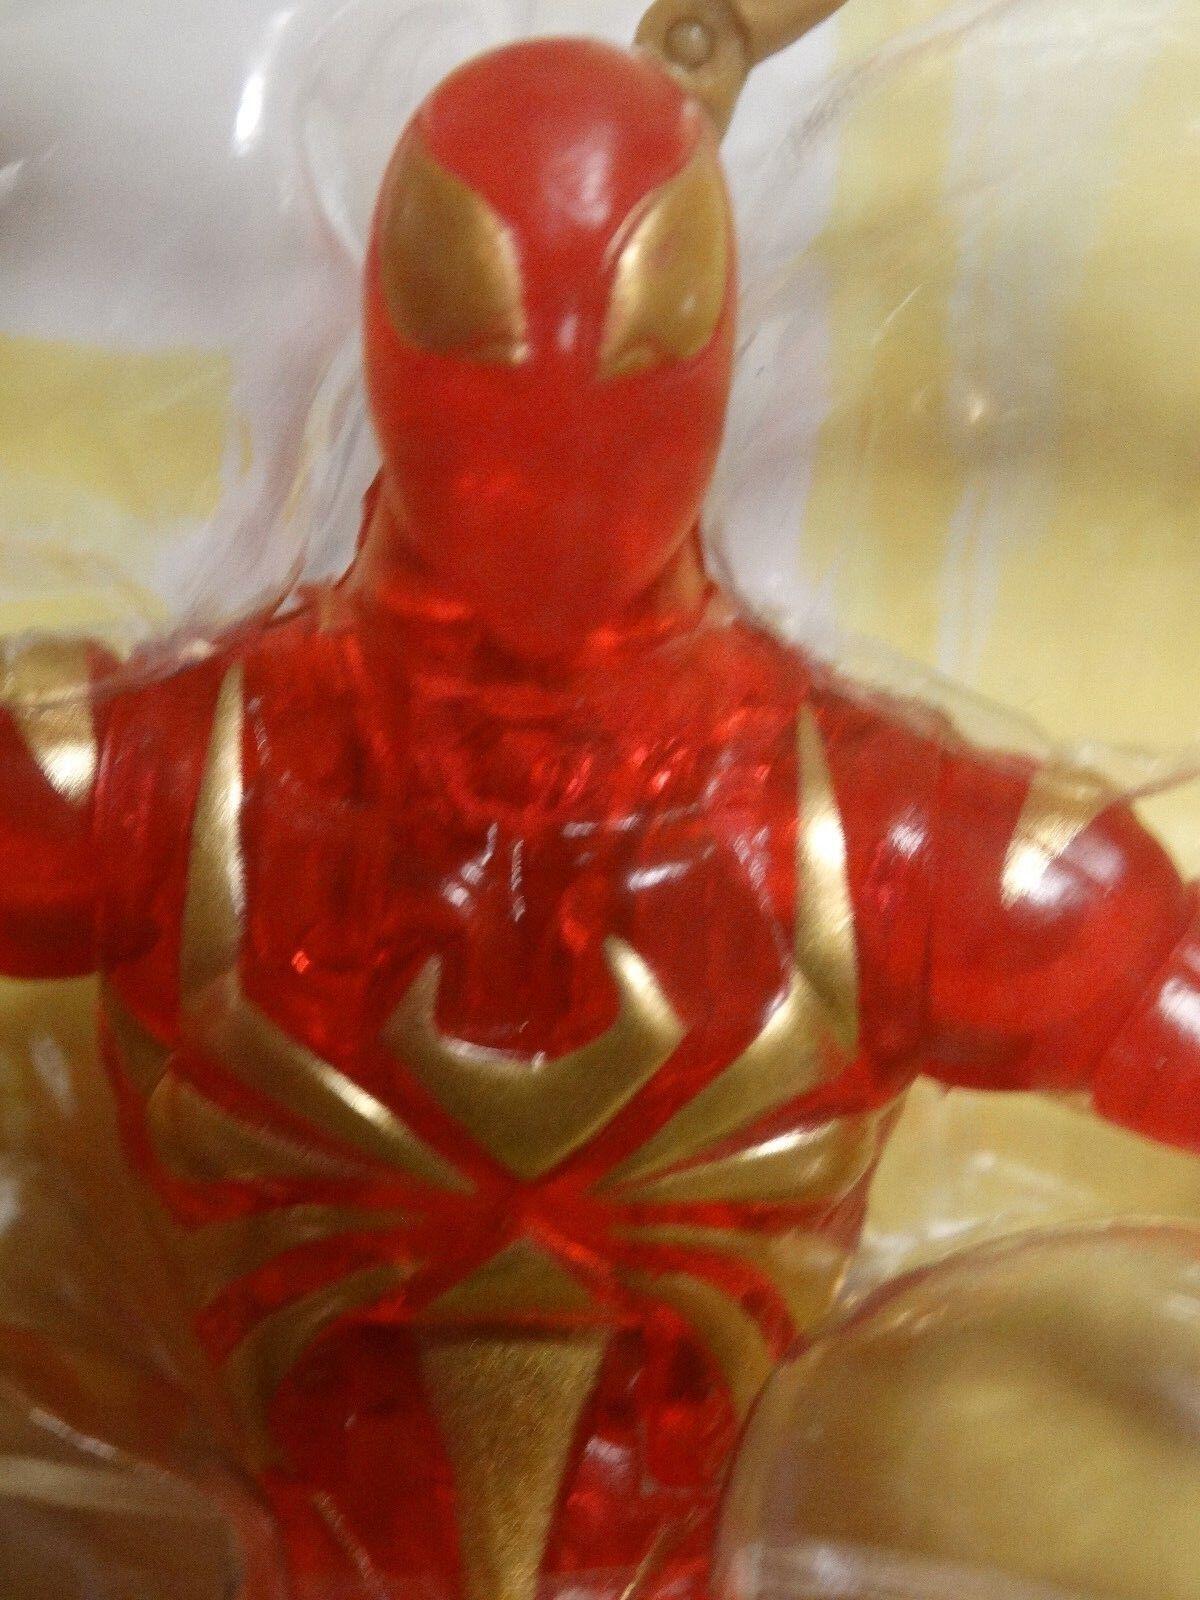 Marvel - legenden skala durchscheinende eisen - spider - man - mip.homecoming - stark